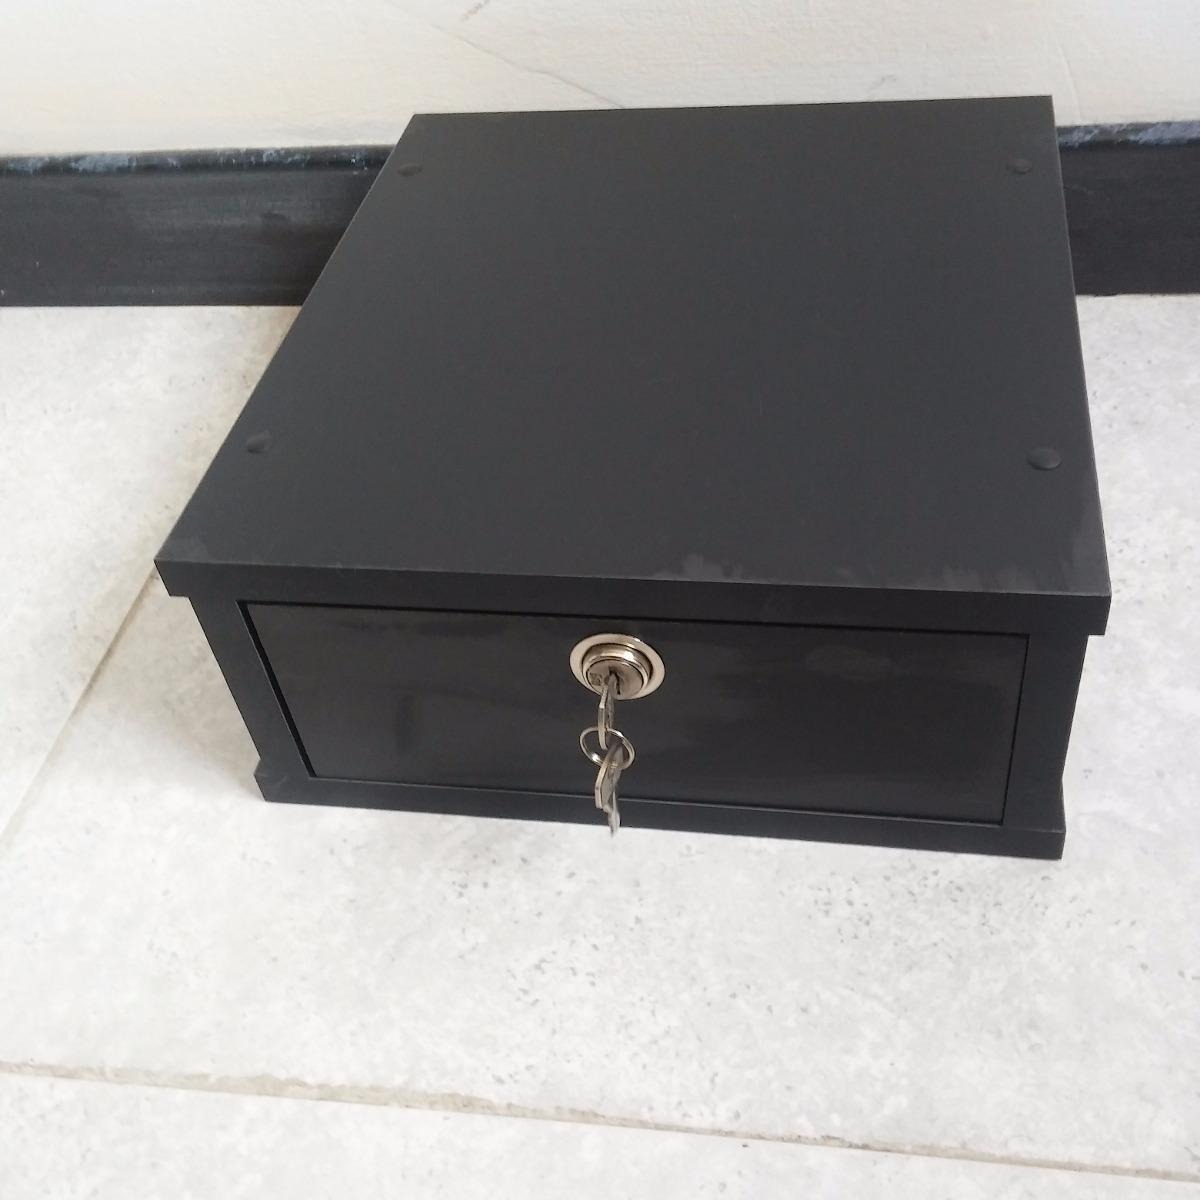 Mesa base soporte para monitor con gaveta y cerradura - Soporte para mesa ...